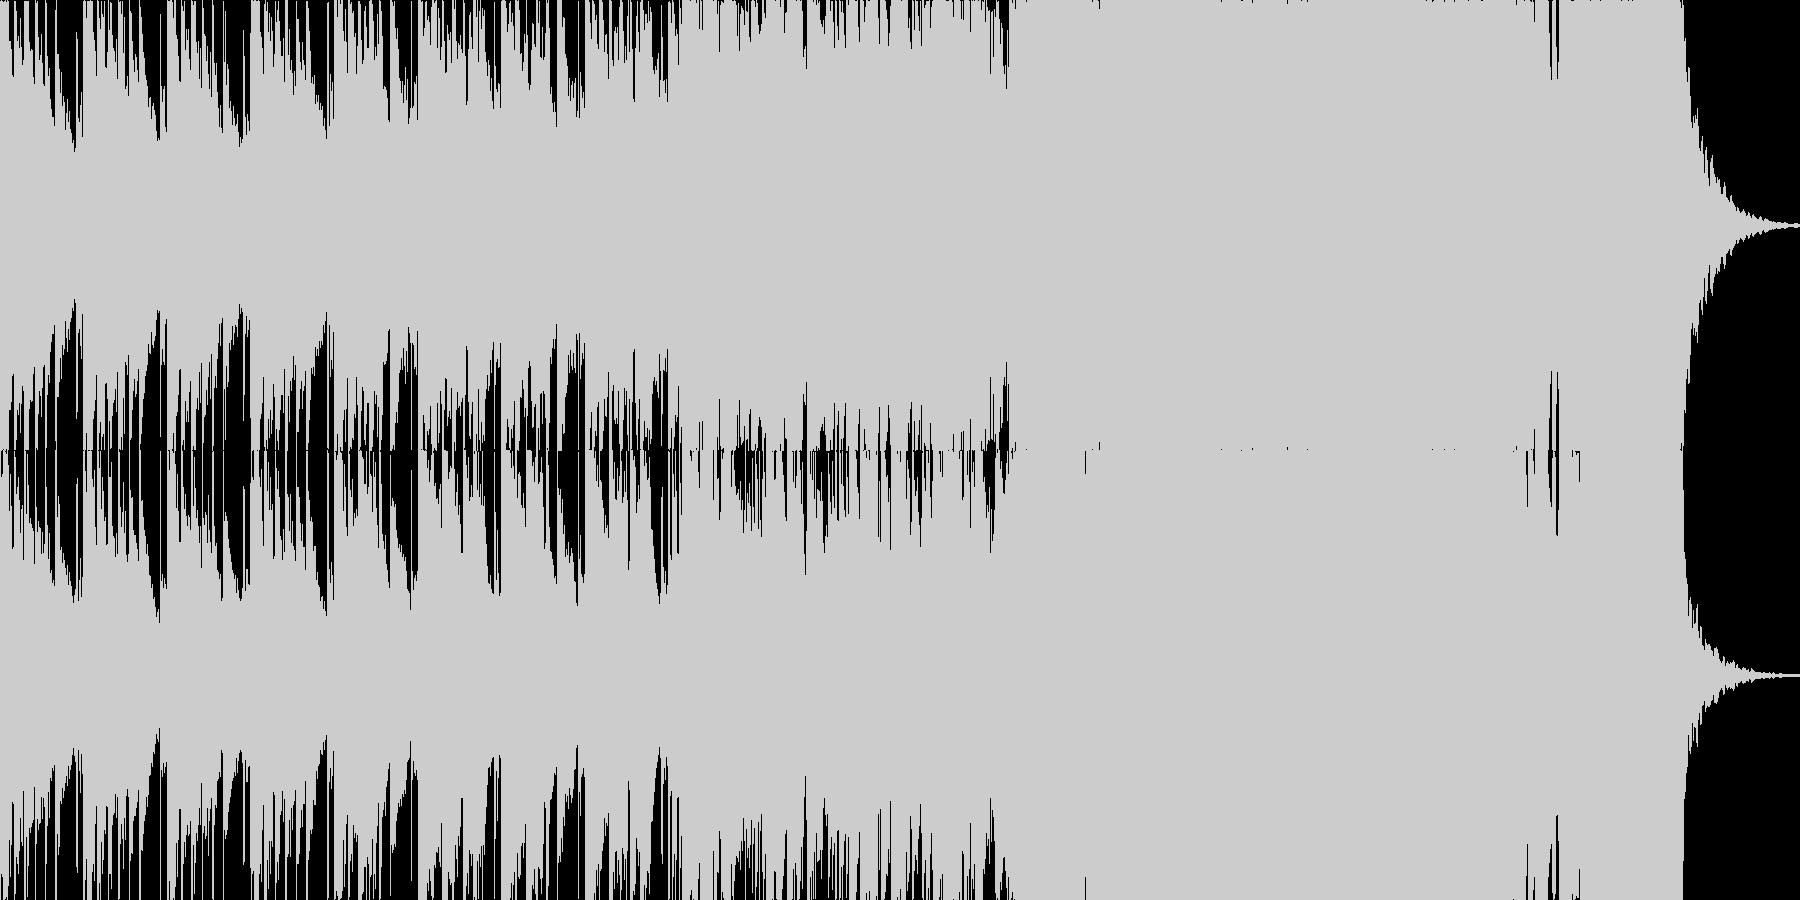 わくわくする様なウインターソングの未再生の波形